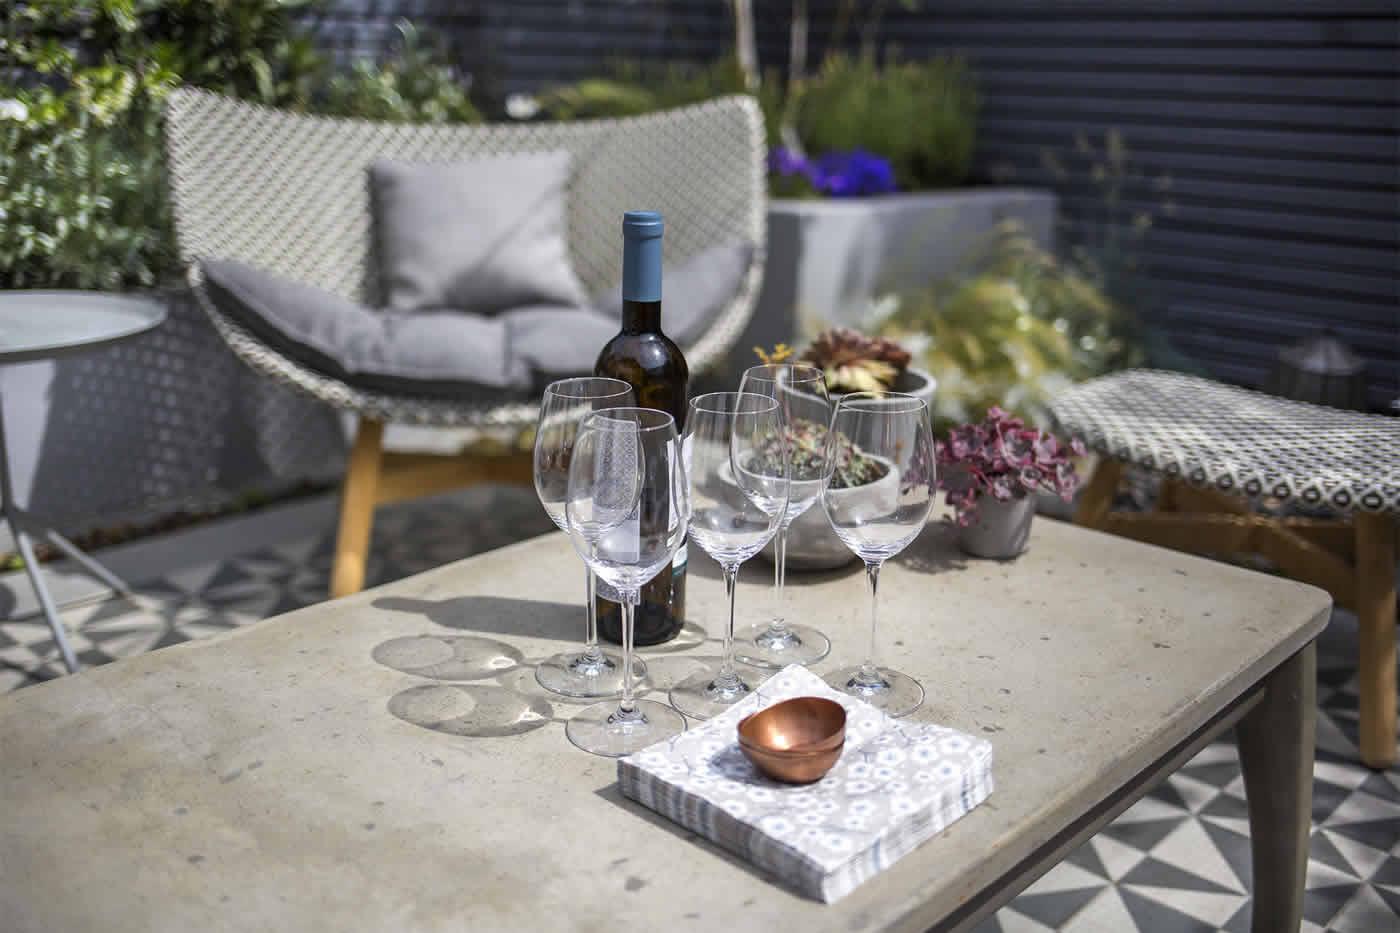 Private Small Garden Design: Private Small Garden Design Outdoor Room Ideas Courtyard